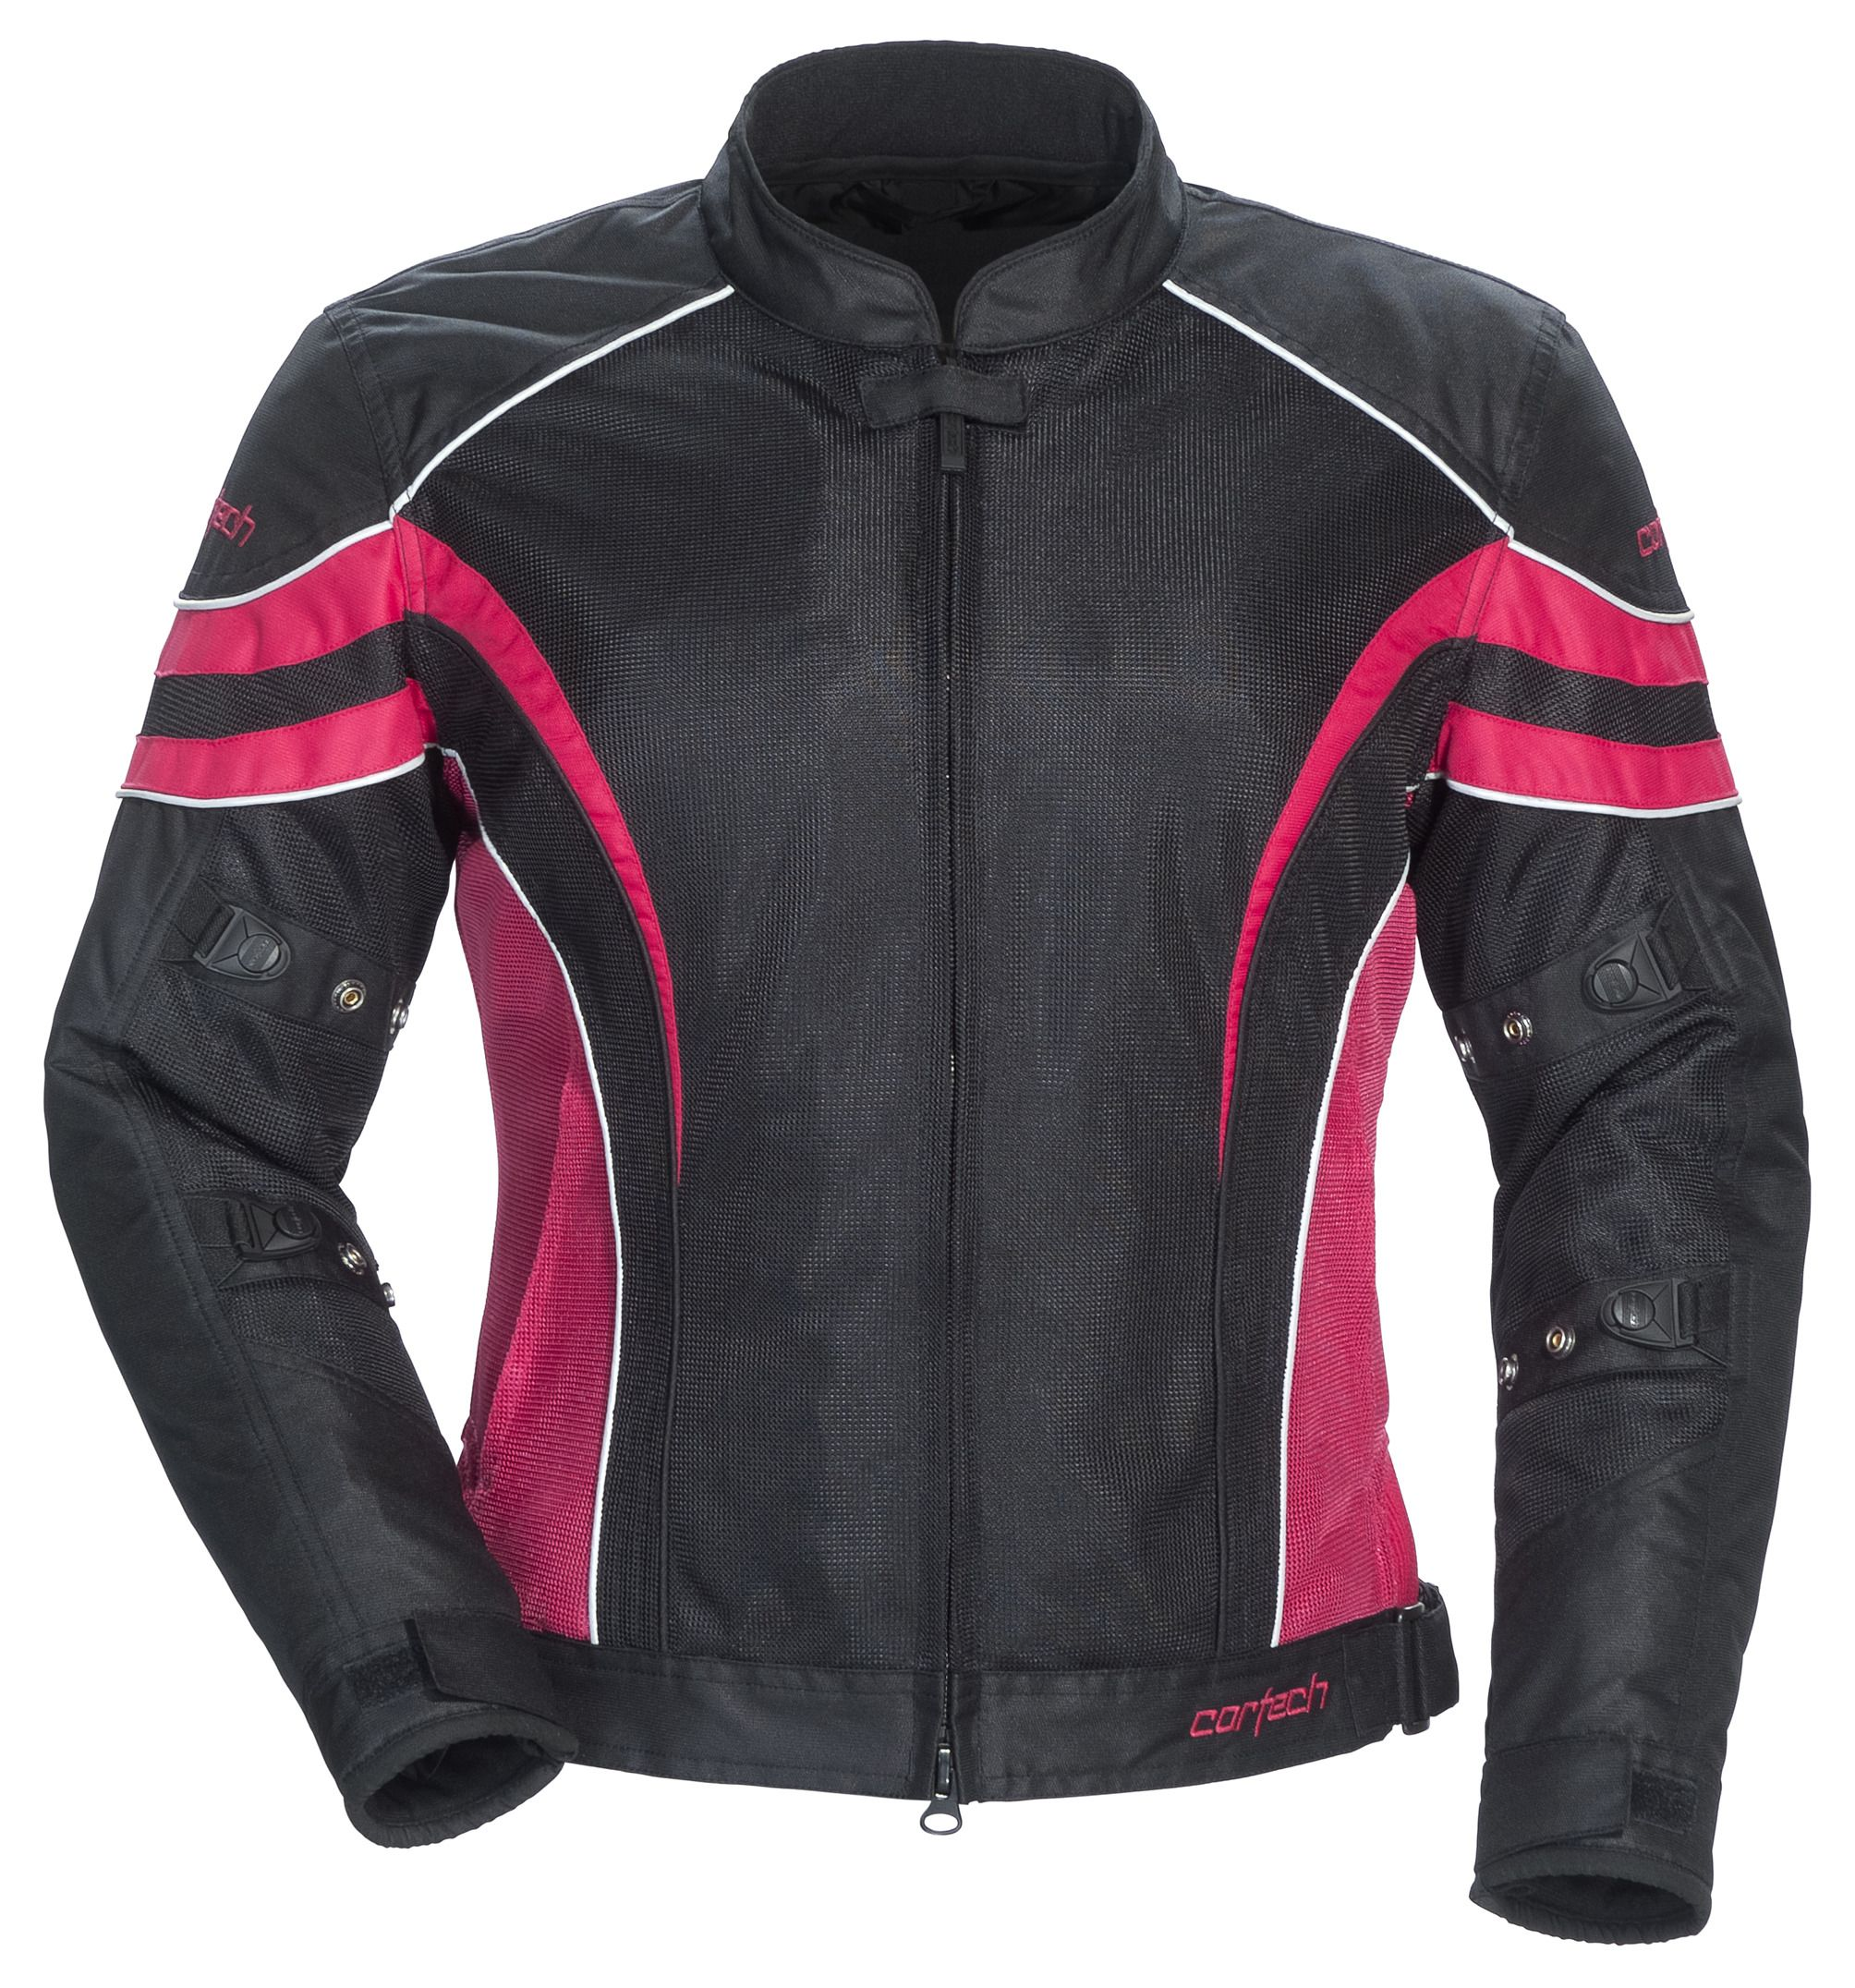 Cortech women's lrx air 2 0 jacket